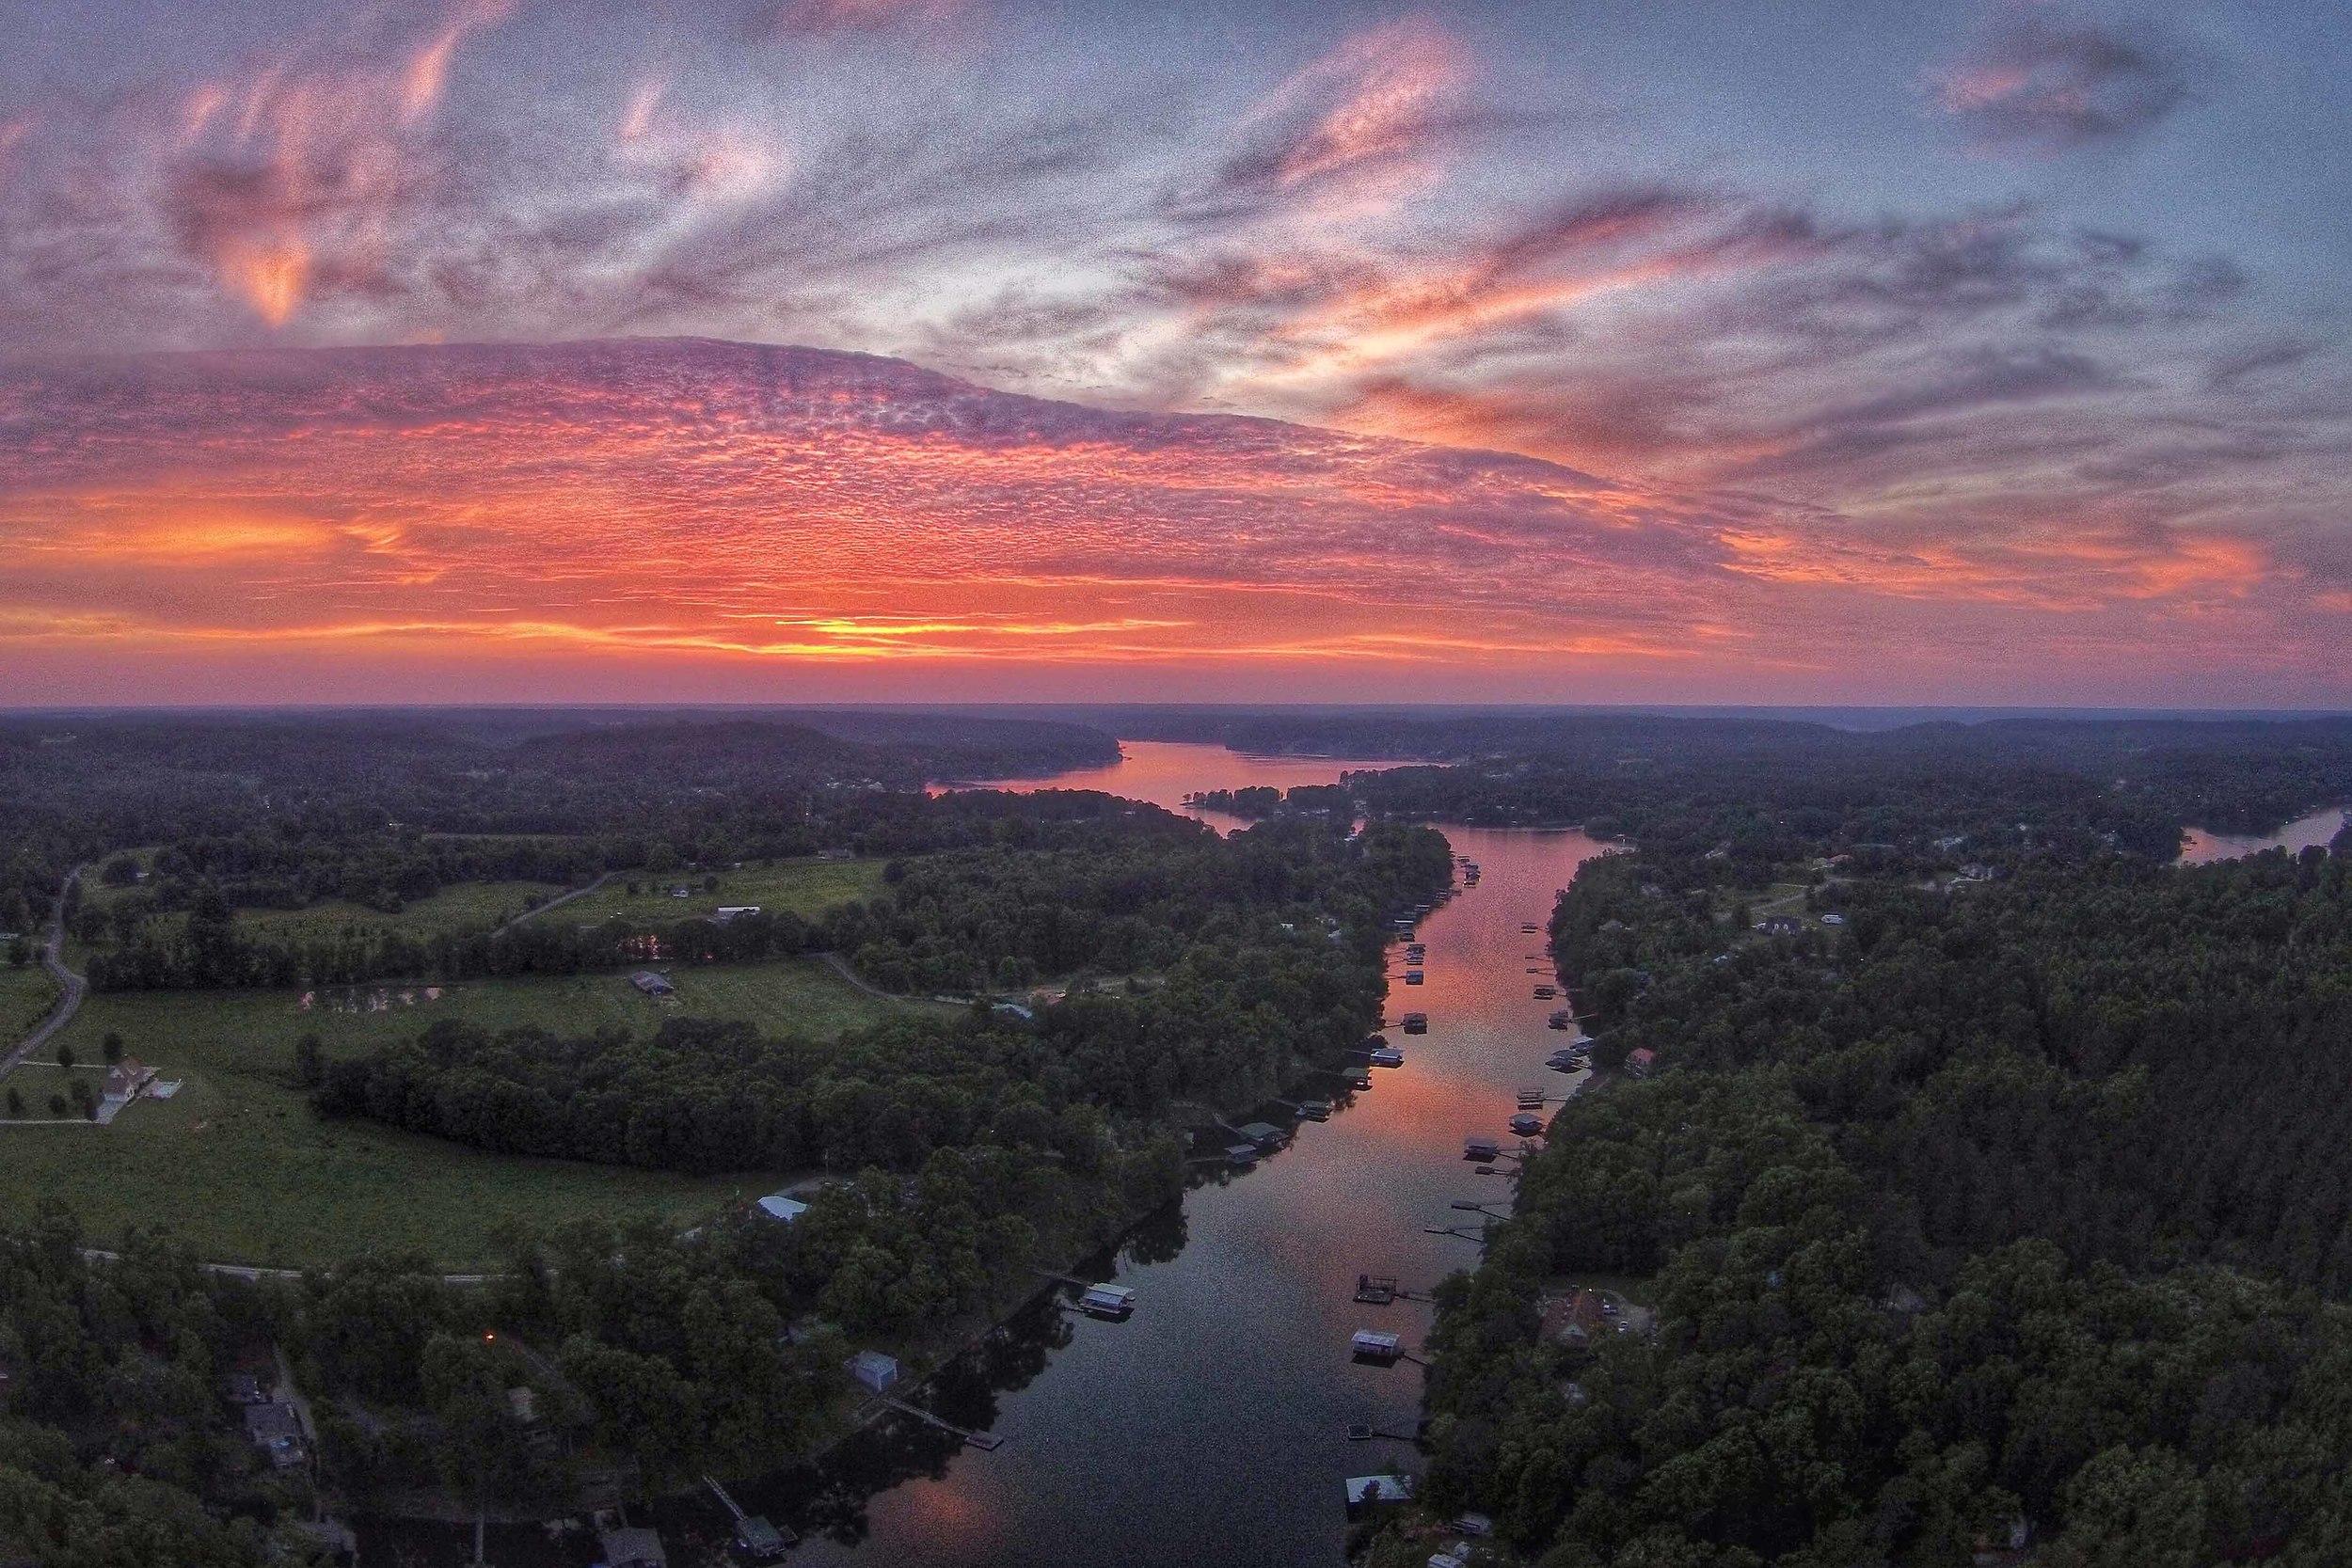 Sunset on Smith Lake from Calvert's Marina